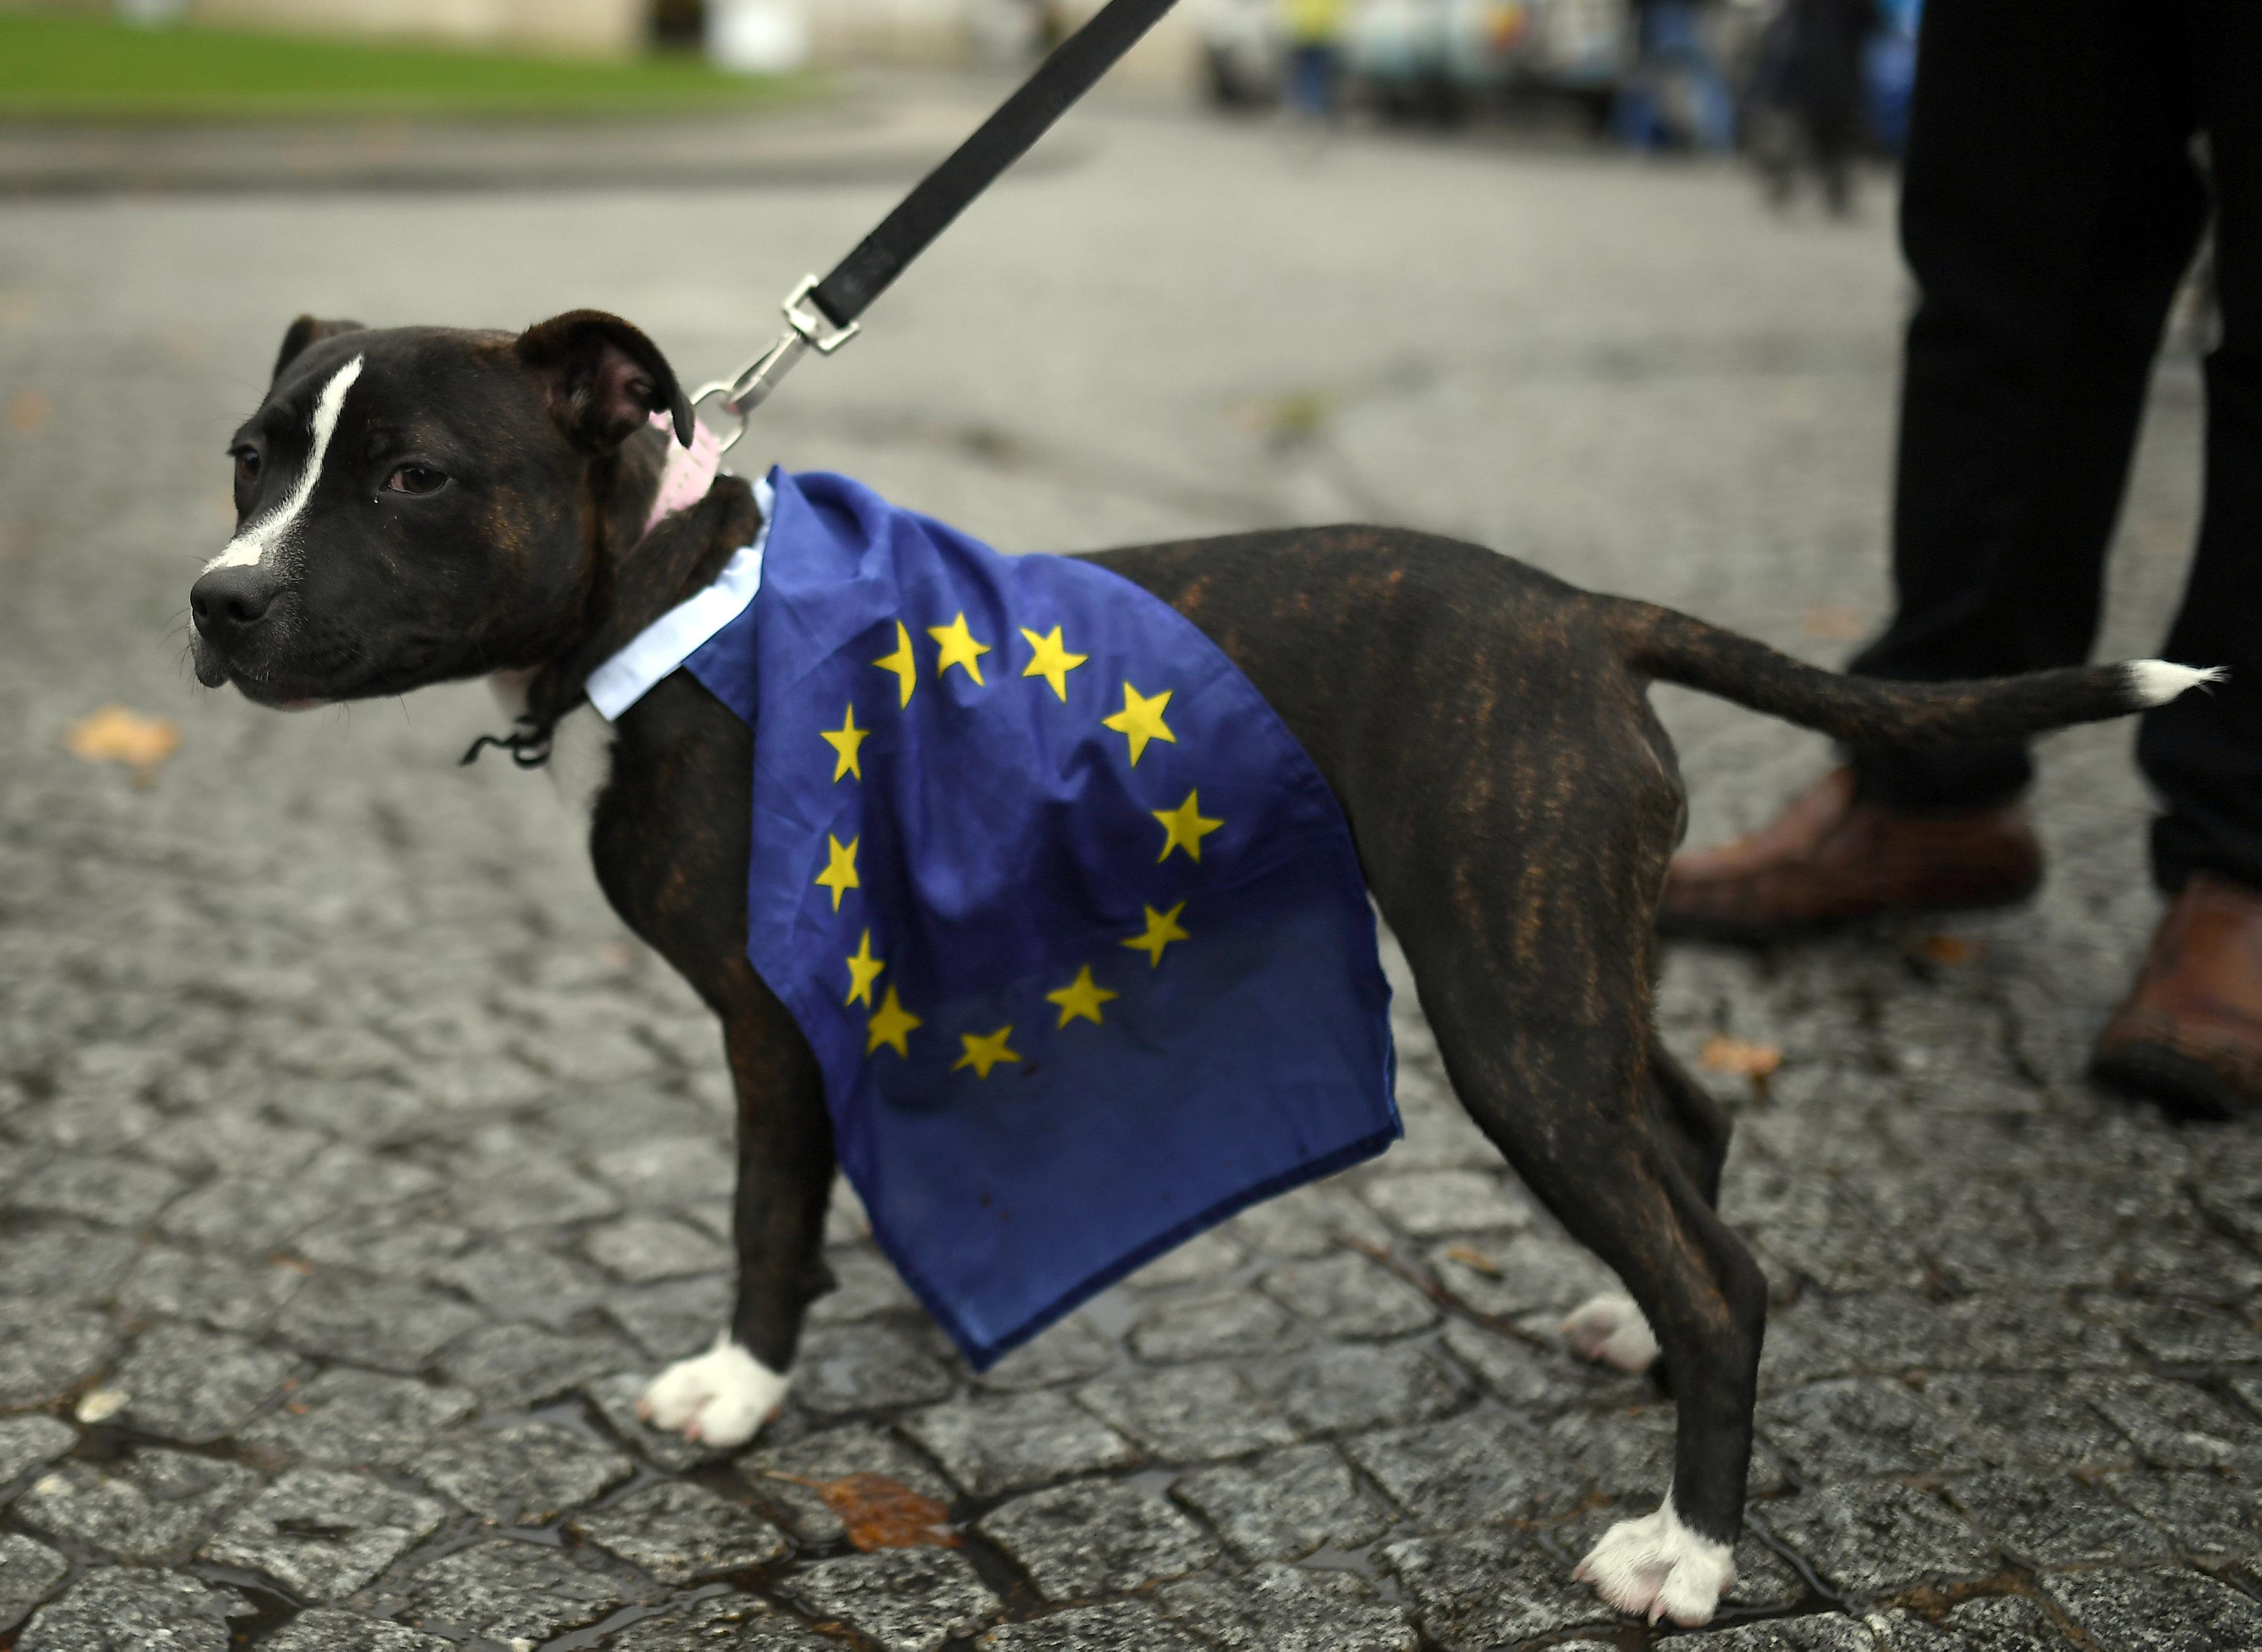 أحد الكلاب المشاركين فى المسيرة